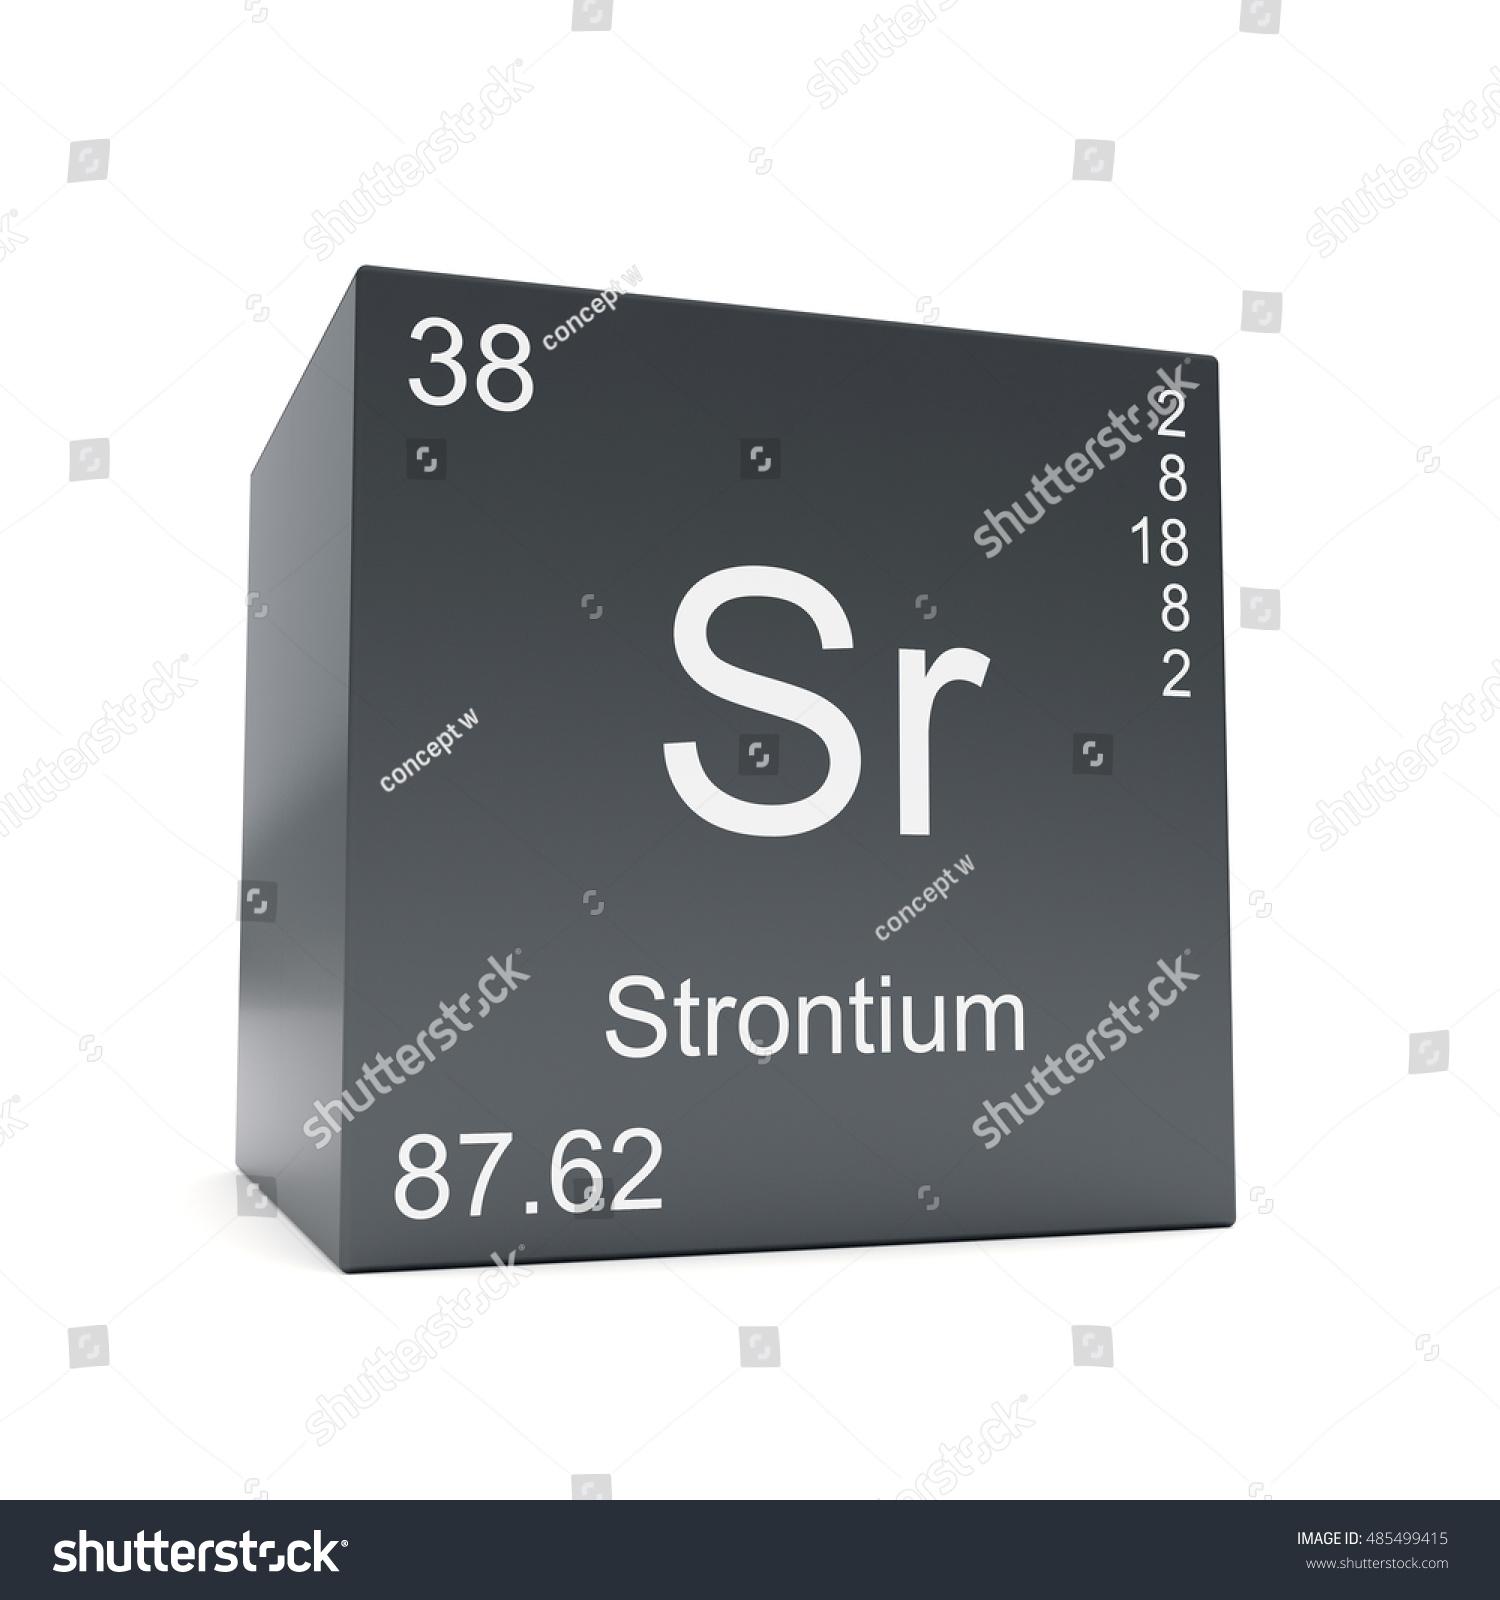 Strontium Chemical Element Symbol Periodic Table Stock Illustration